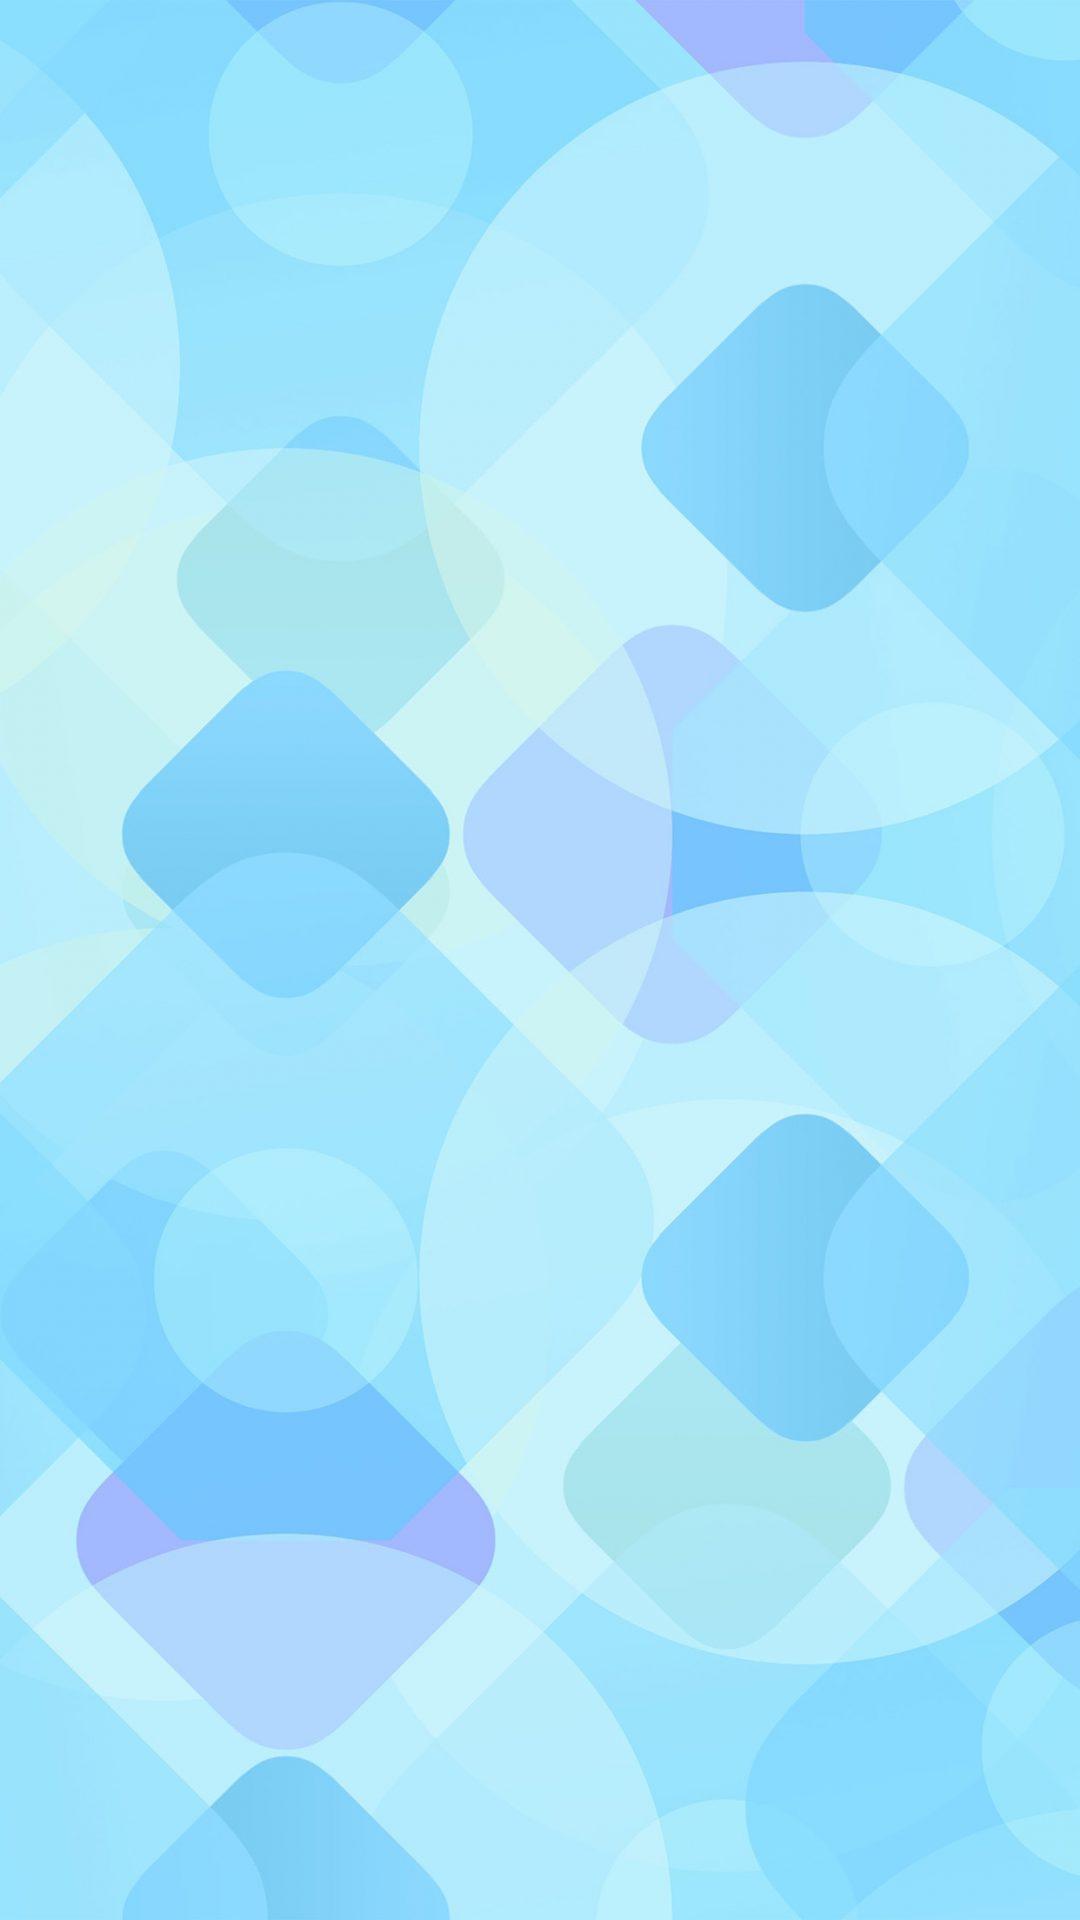 Ar7 Apple Wwdc Blue Pattern